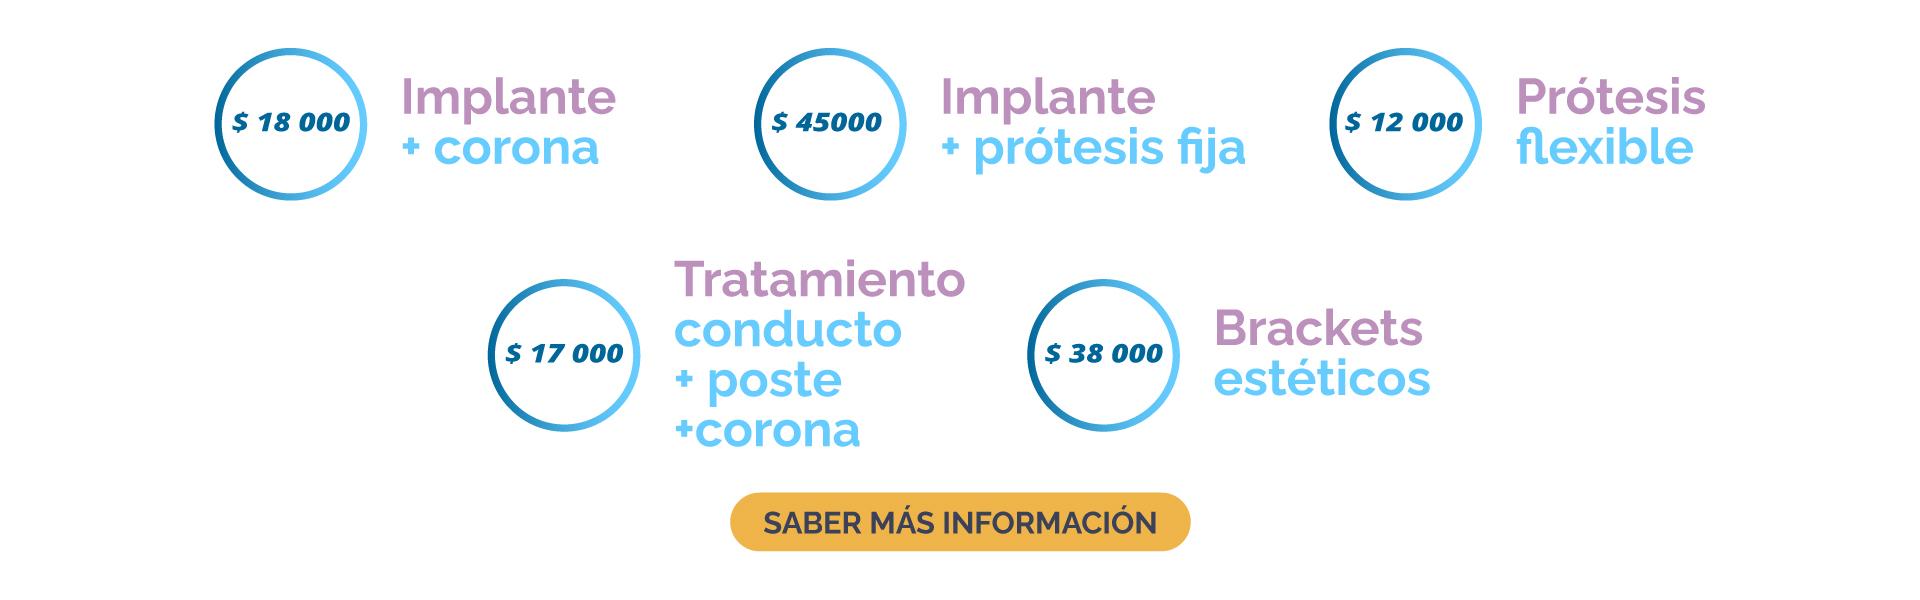 promociones-implantes dentales